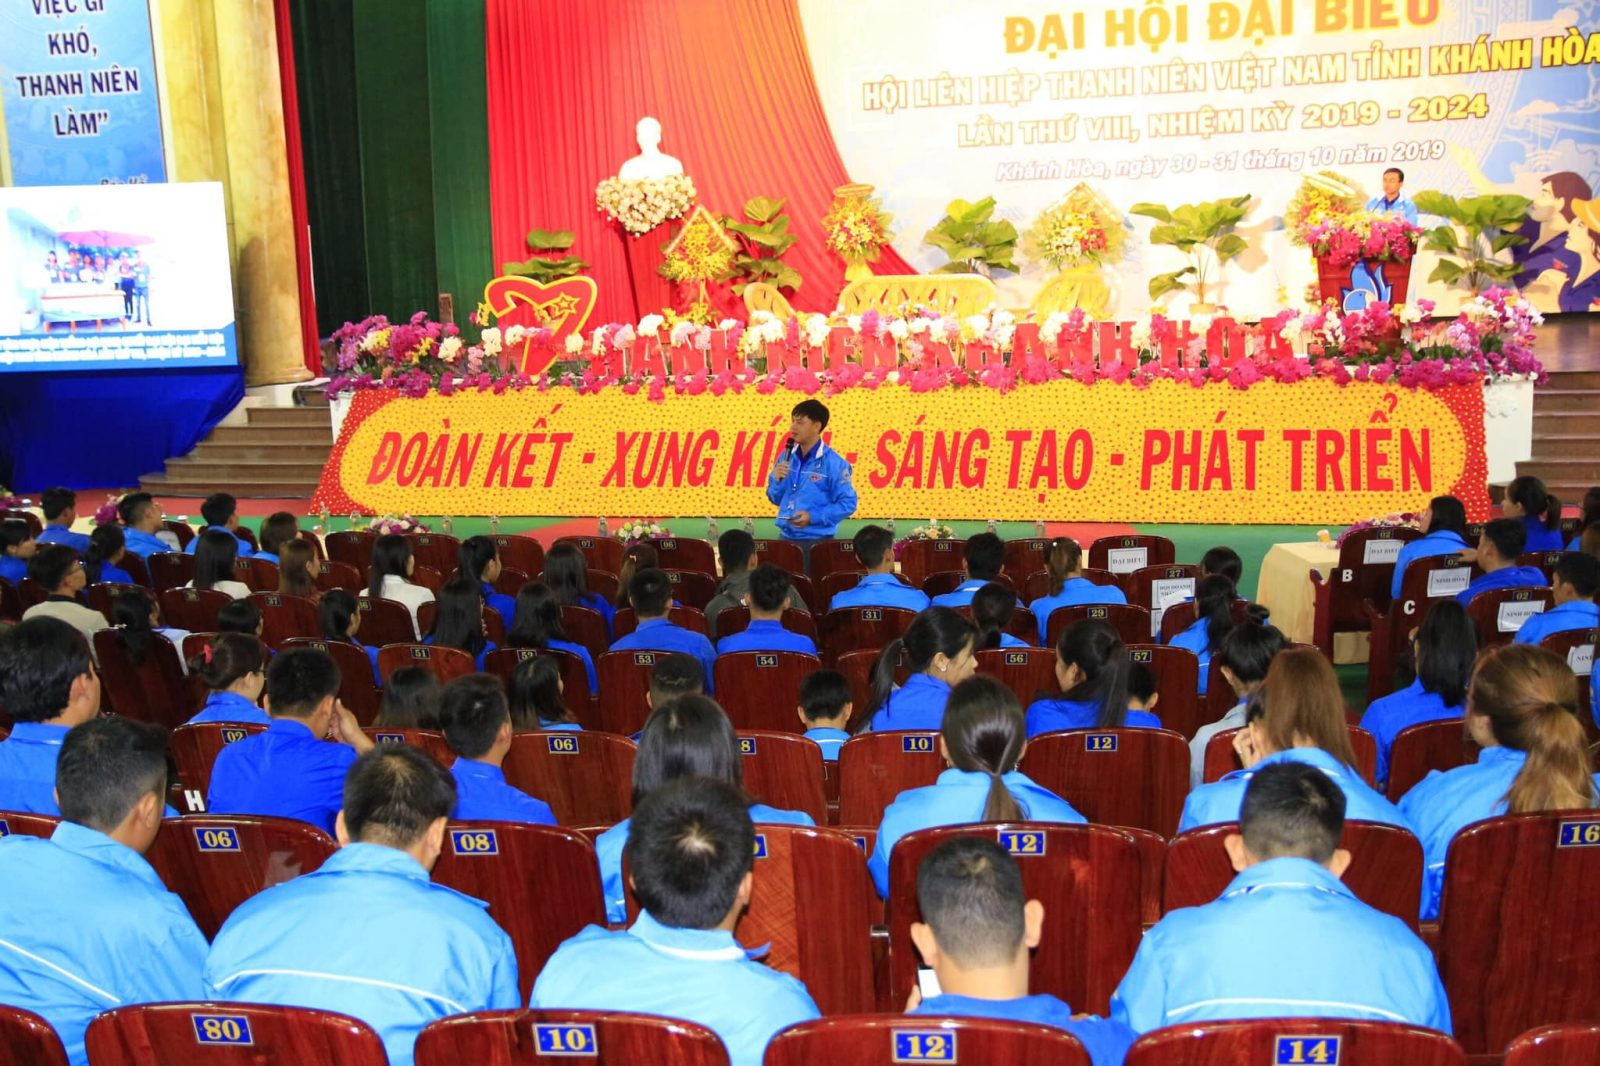 Đại hội đại biểu Hội Liên hiệp Thanh niên Việt Nam tỉnh lần thứ VIII: Phiên làm việc thứ hai 1